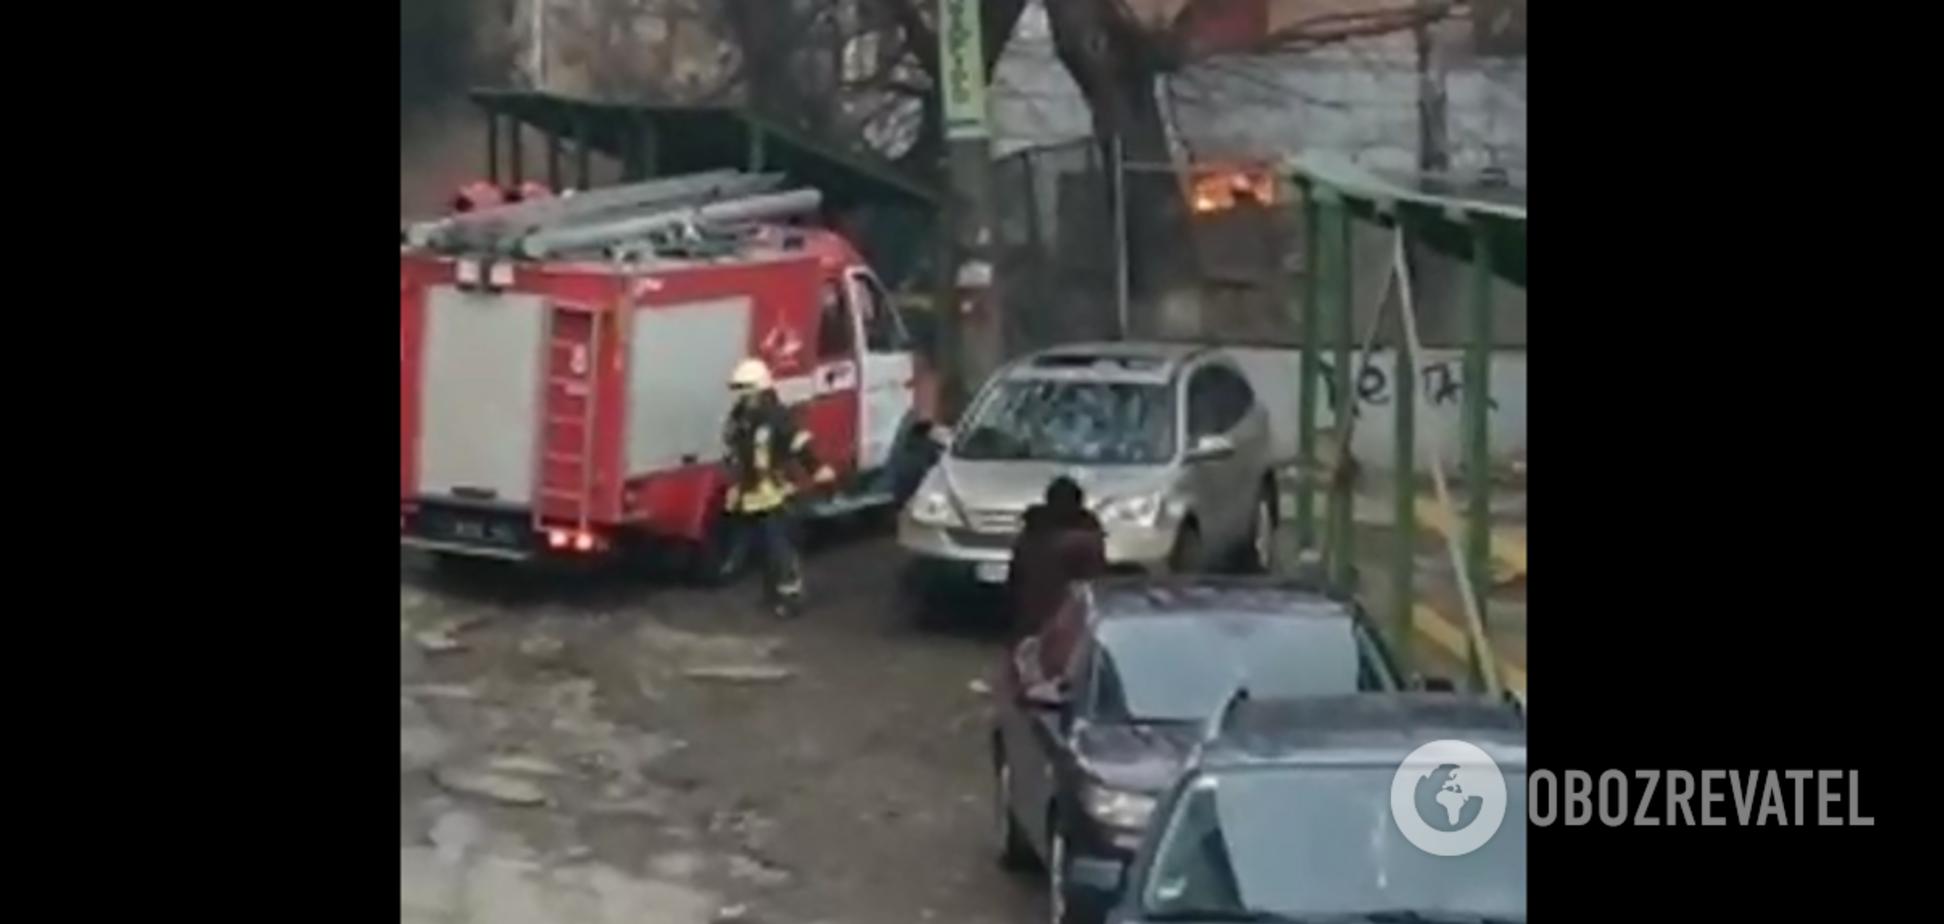 У колись будинку, який вибухнув на Голосіївському проспекті в Києві сталася пожежа